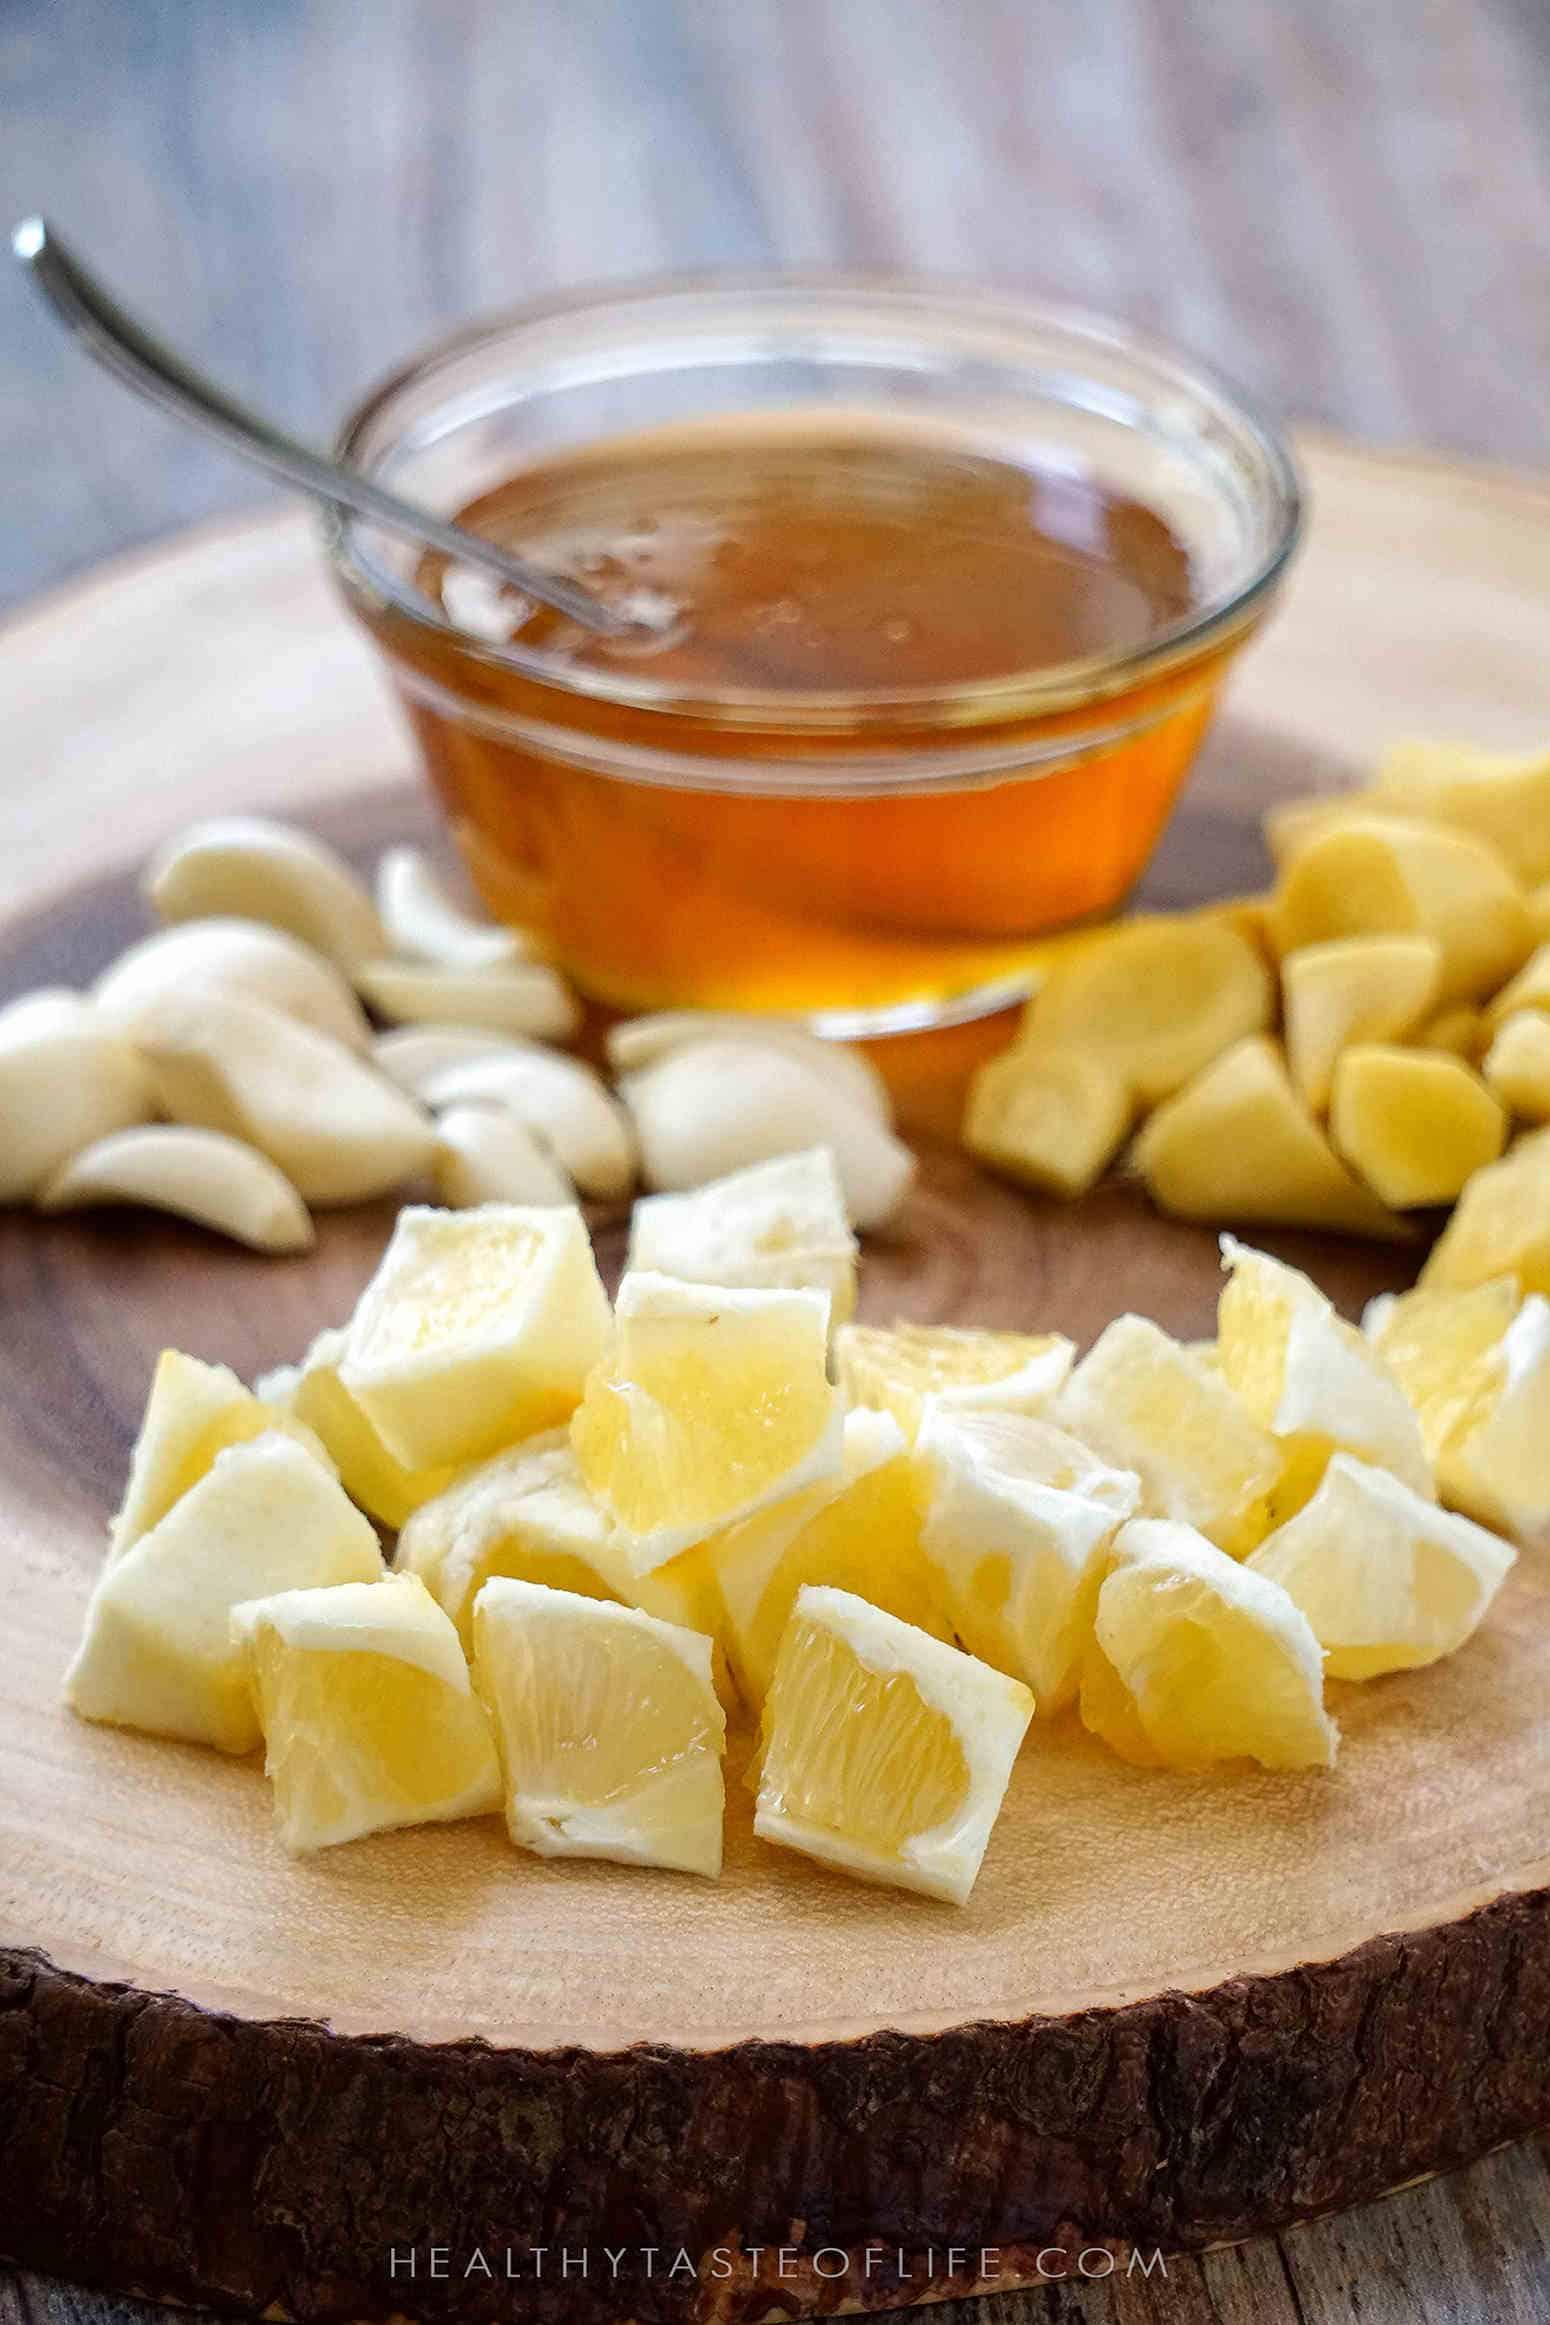 Immune boosting tonic recipe made with simple healing ingredients, honey, lemon, ginger, garlic